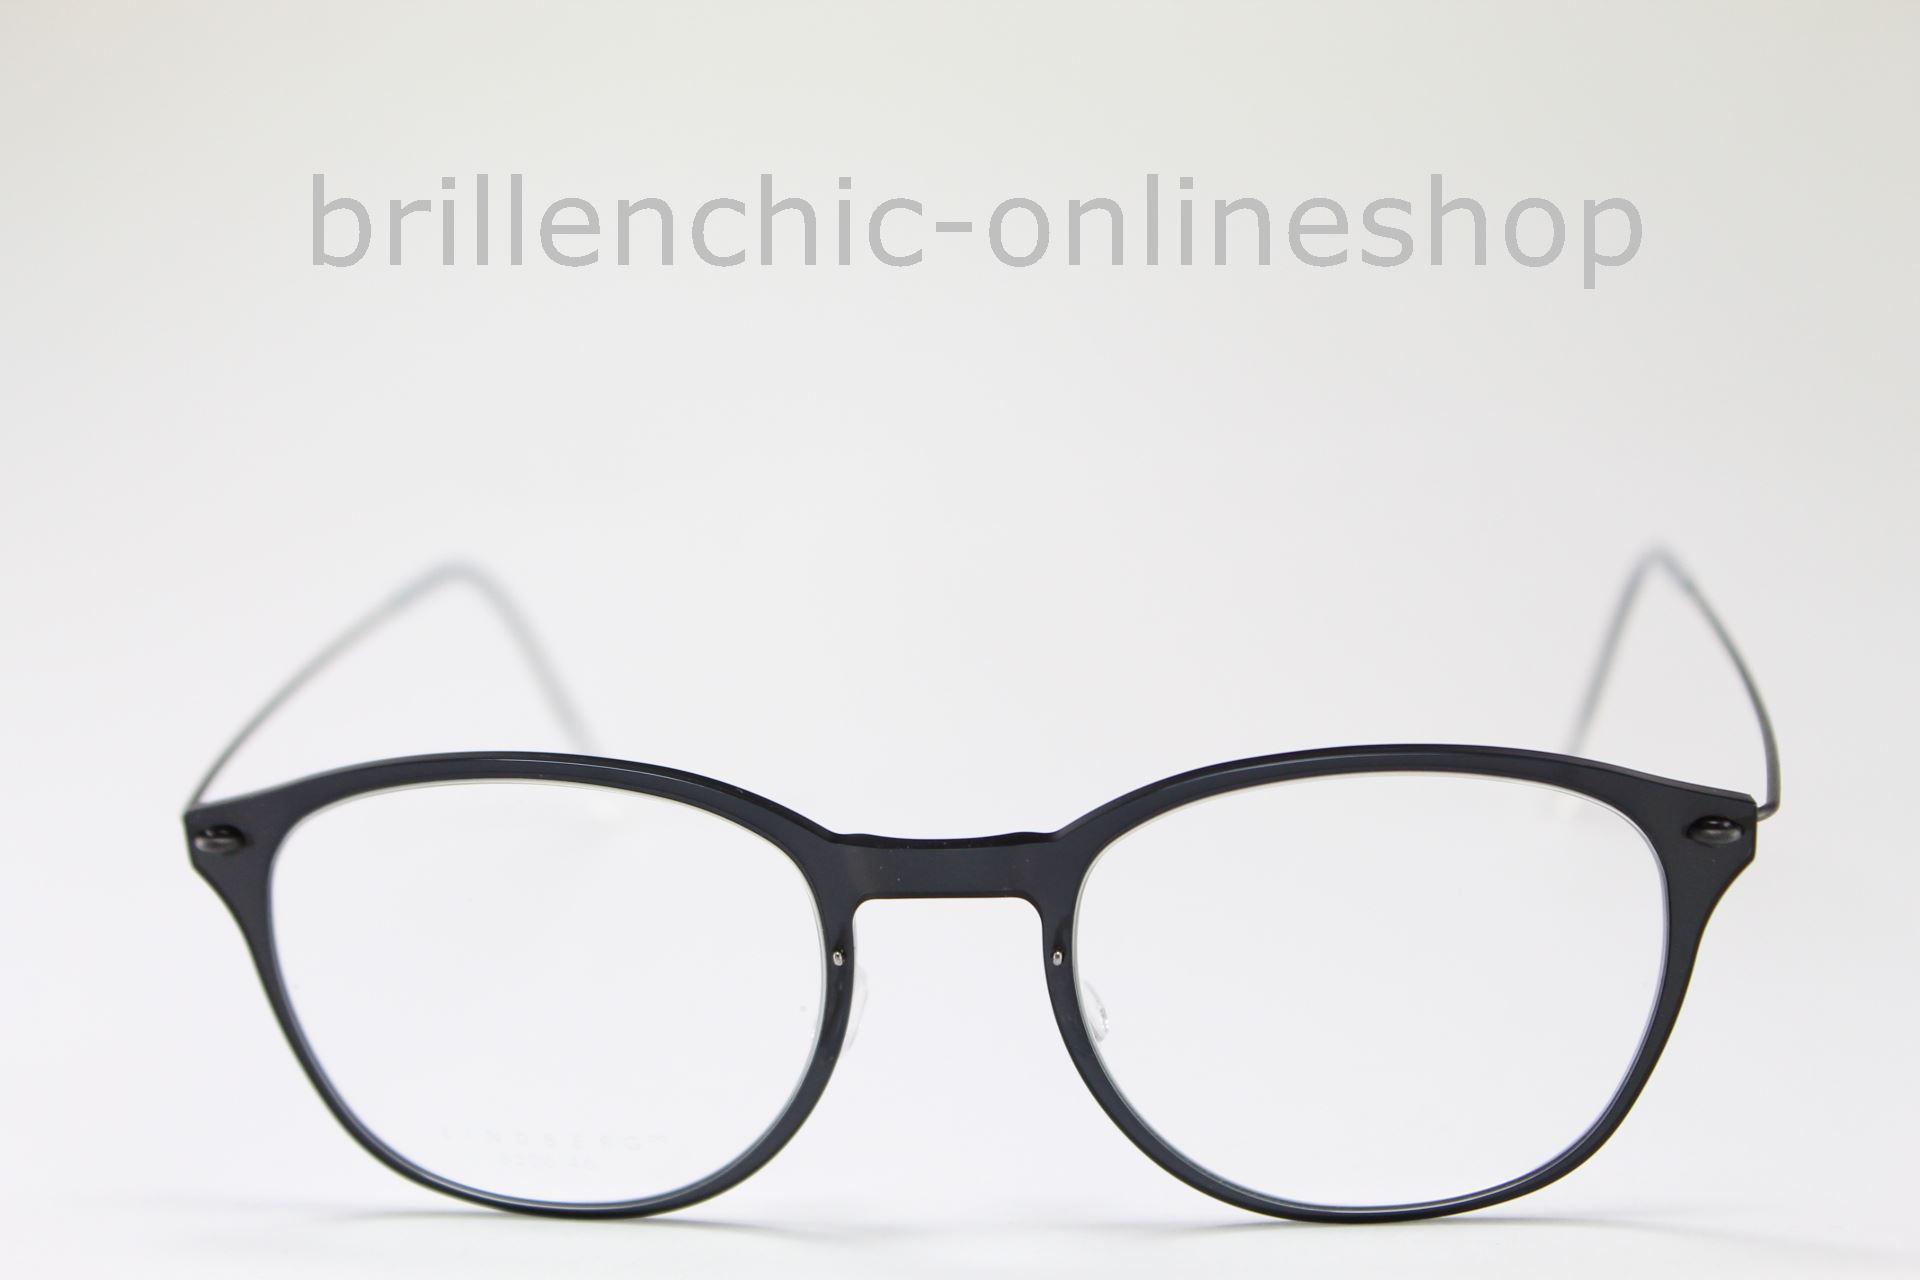 833e3cc6a8f Brillenchic - onlineshop Berlin Ihr starker Partner für exklusive Brillen  online kaufen/LINDBERG NOW 6506 C06 U9 TITANIUM exklusiv im  Brillenchic-Onlineshop